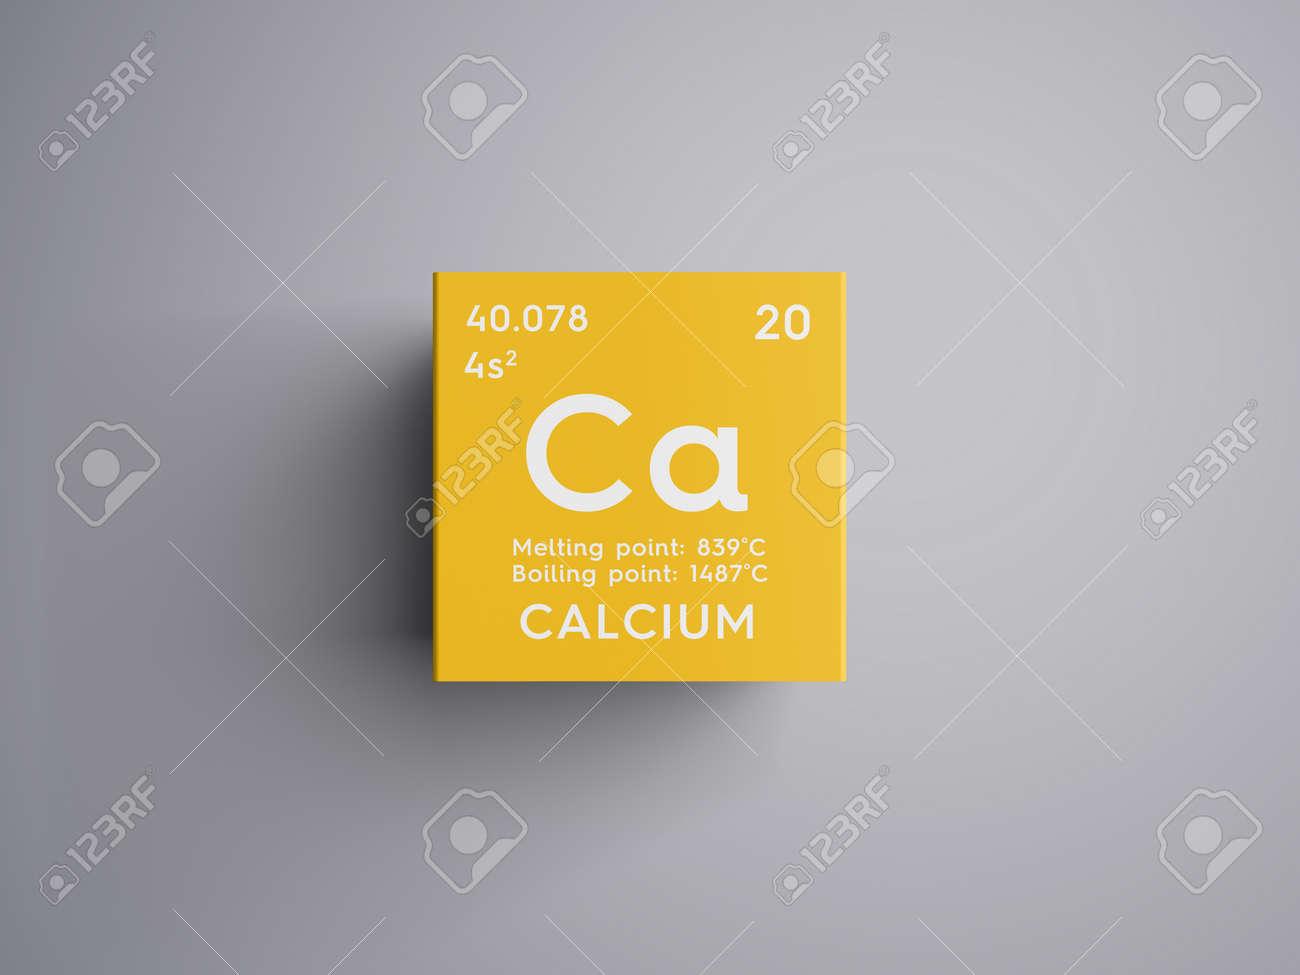 Calcium alkaline earth metals chemical element of mendeleevs alkaline earth metals chemical element of mendeleevs periodic table calcium in square urtaz Gallery